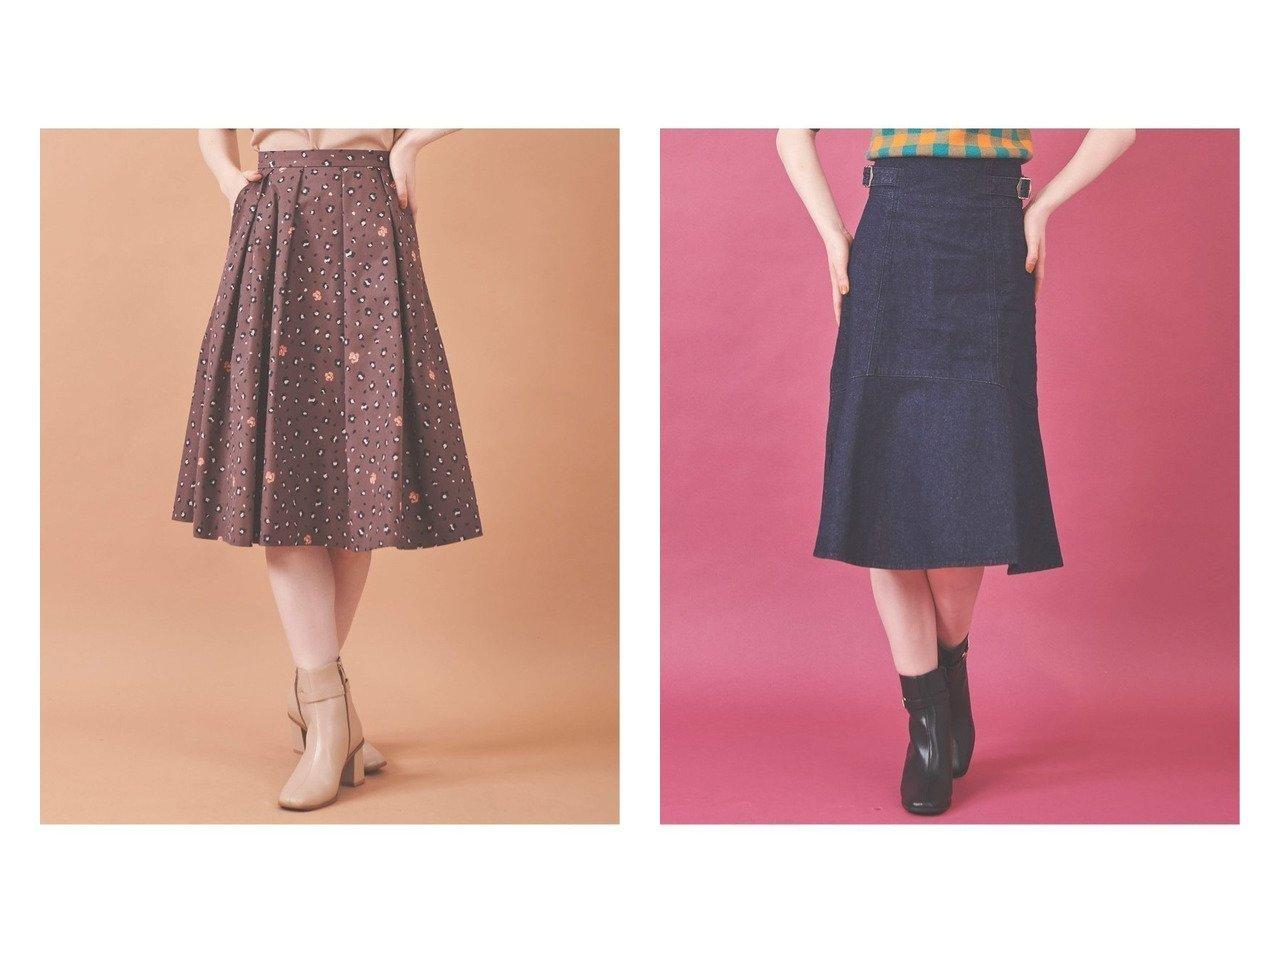 【31 Sons de mode/トランテアン ソン ドゥ モード】のレオパード柄スカート&デニムマーメイドスカート 【スカート】おすすめ!人気、トレンド・レディースファッションの通販   おすすめで人気の流行・トレンド、ファッションの通販商品 インテリア・家具・メンズファッション・キッズファッション・レディースファッション・服の通販 founy(ファニー) https://founy.com/ ファッション Fashion レディースファッション WOMEN スカート Skirt ミニスカート Mini Skirts 2021年 2021 2021-2022秋冬・A/W AW・Autumn/Winter・FW・Fall-Winter・2021-2022 A/W・秋冬 AW・Autumn/Winter・FW・Fall-Winter 冬 Winter タイトスカート マーメイド トレンド フレア ミニスカート レオパード 秋 Autumn/Fall |ID:crp329100000066103